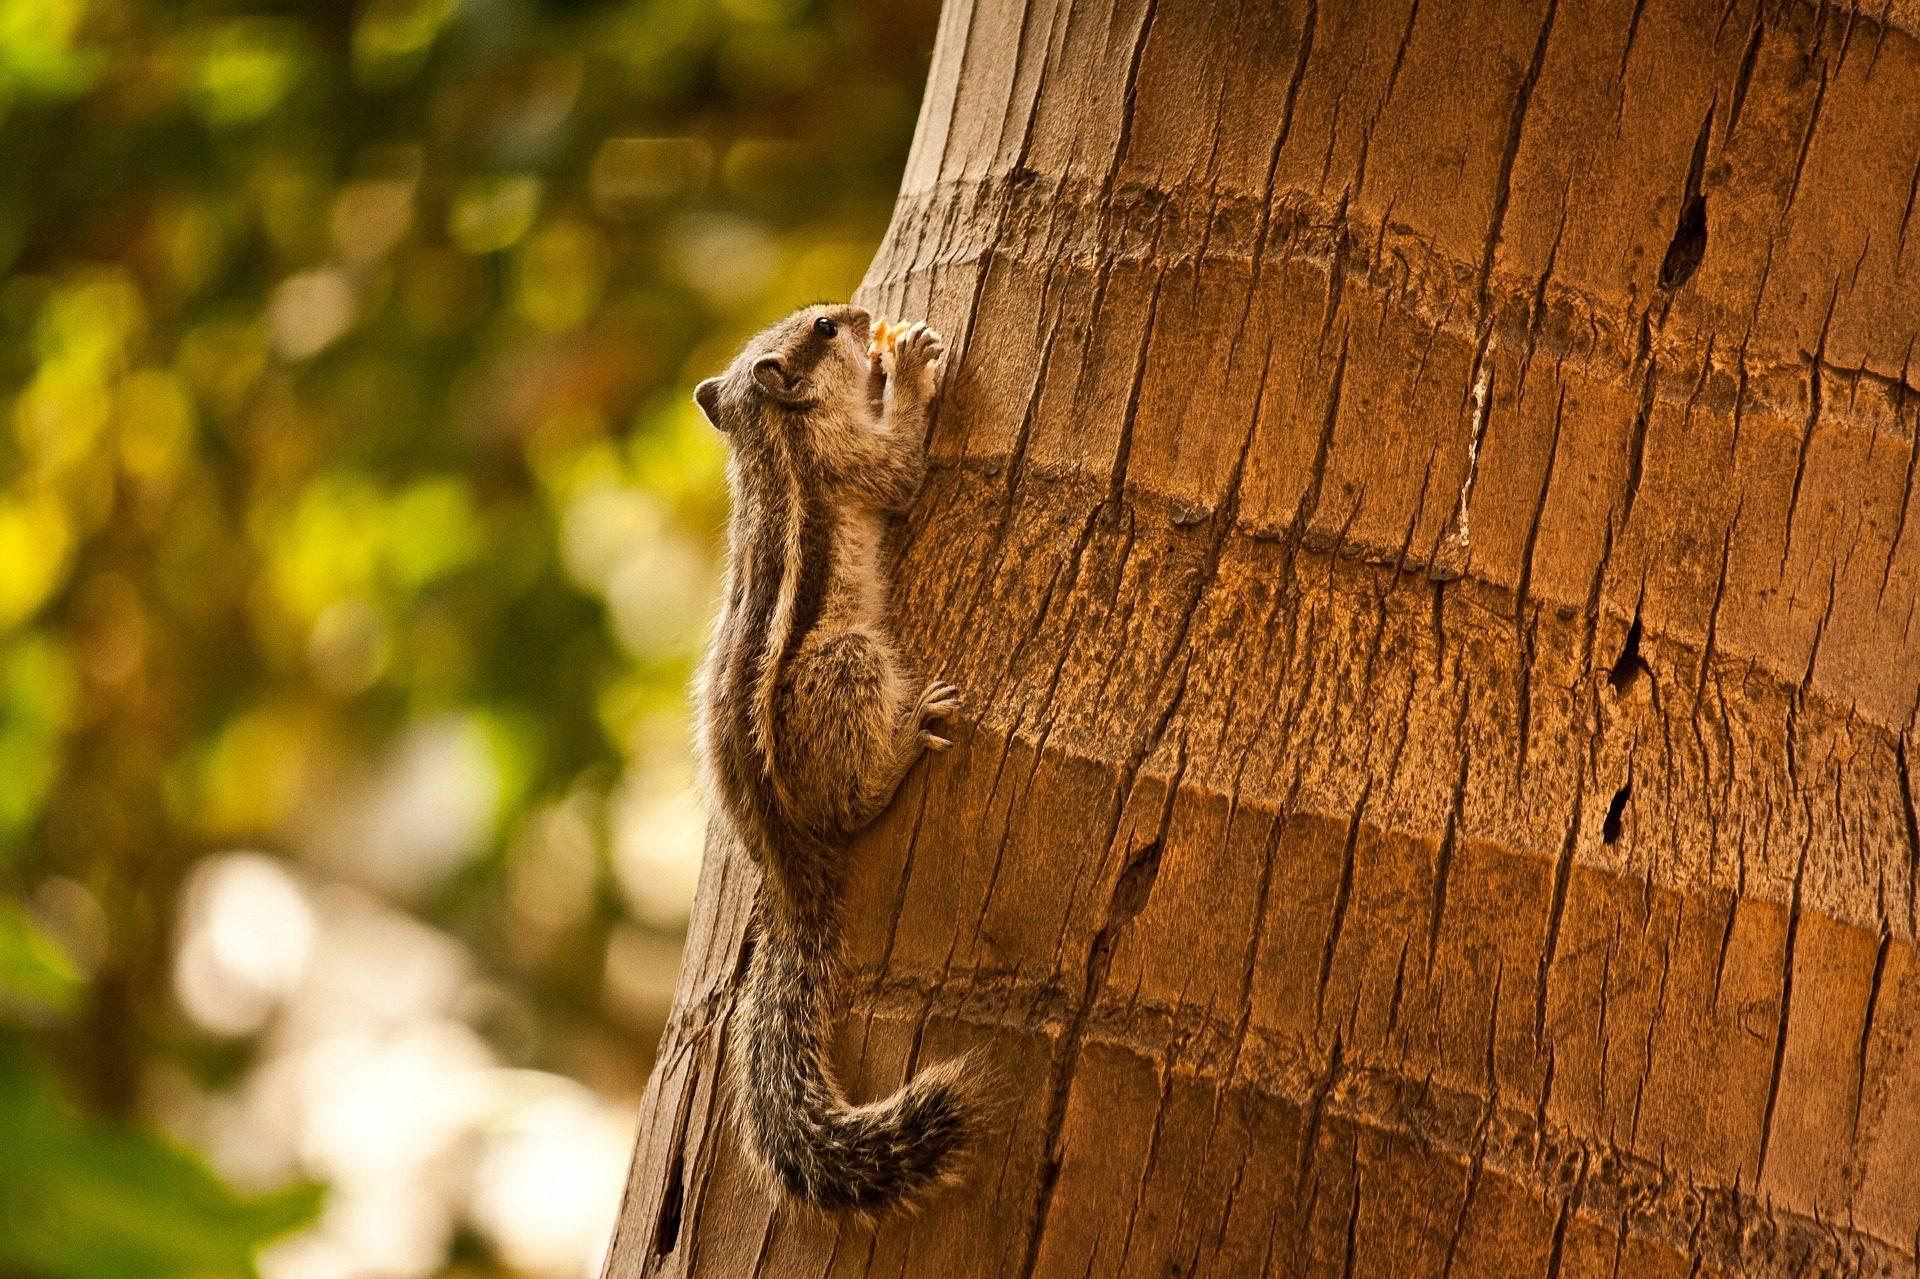 Eichhörnchen, Stamm, Baum, Tail, rayada, Wald - Wallpaper HD - Prof.-falken.com